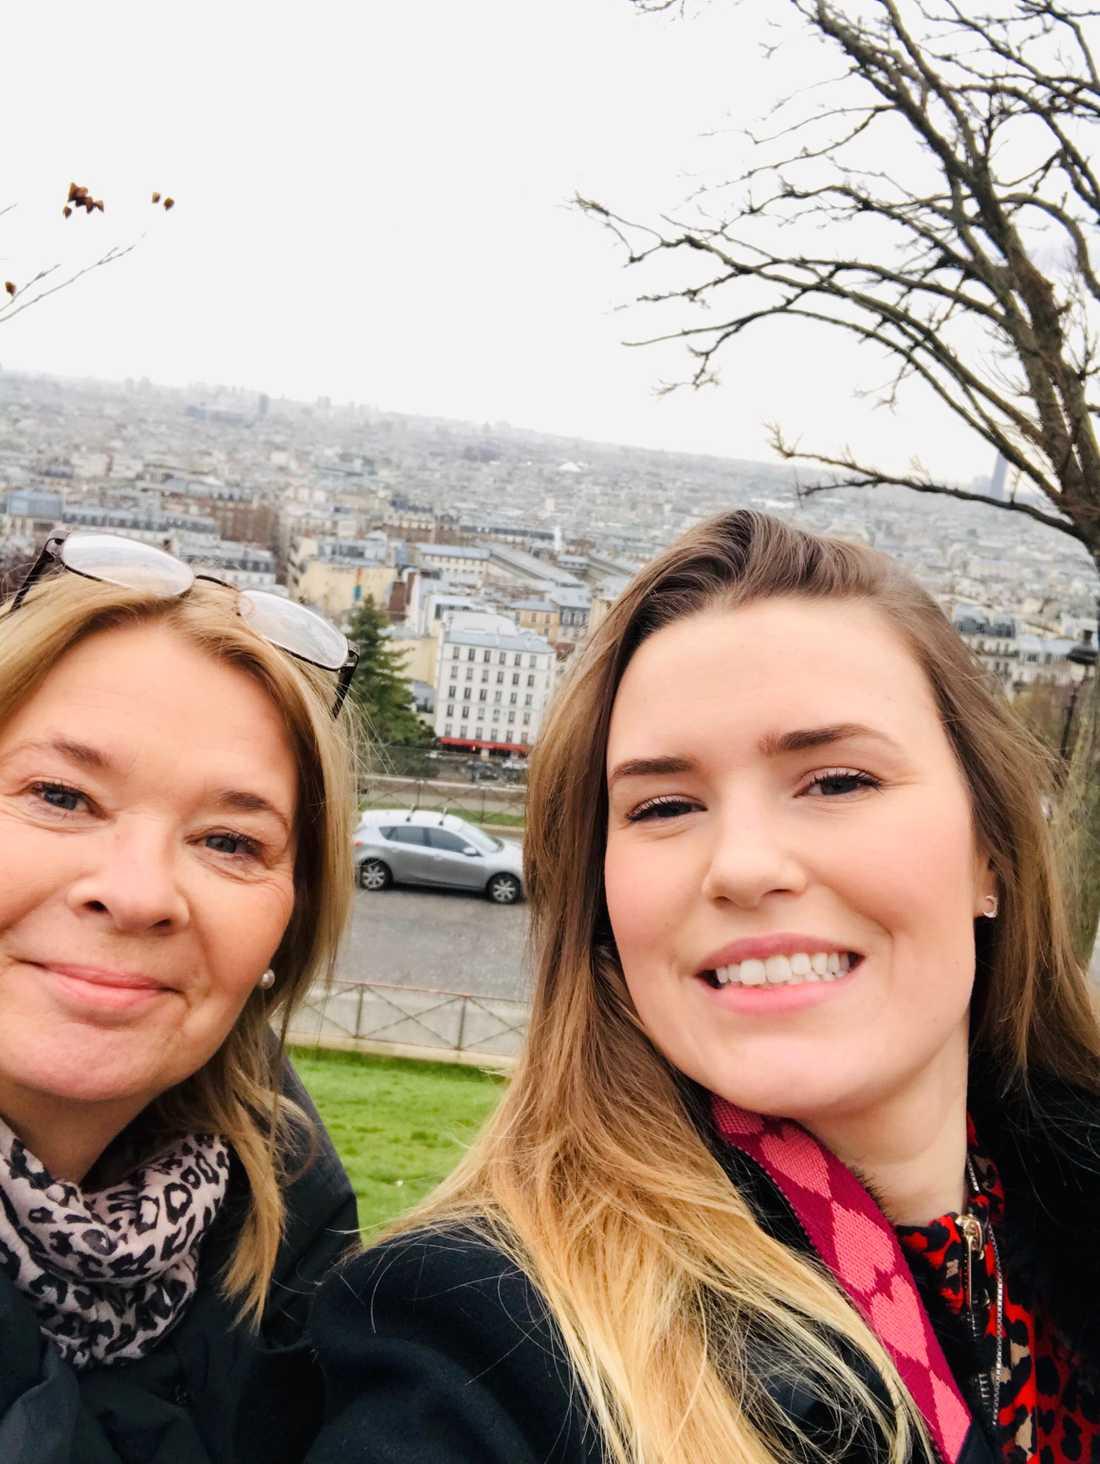 Caroline och hennes mamma Anna-Lema är på semester i Paris och bor bara 100 meter från platsen där explosionen inträffade.